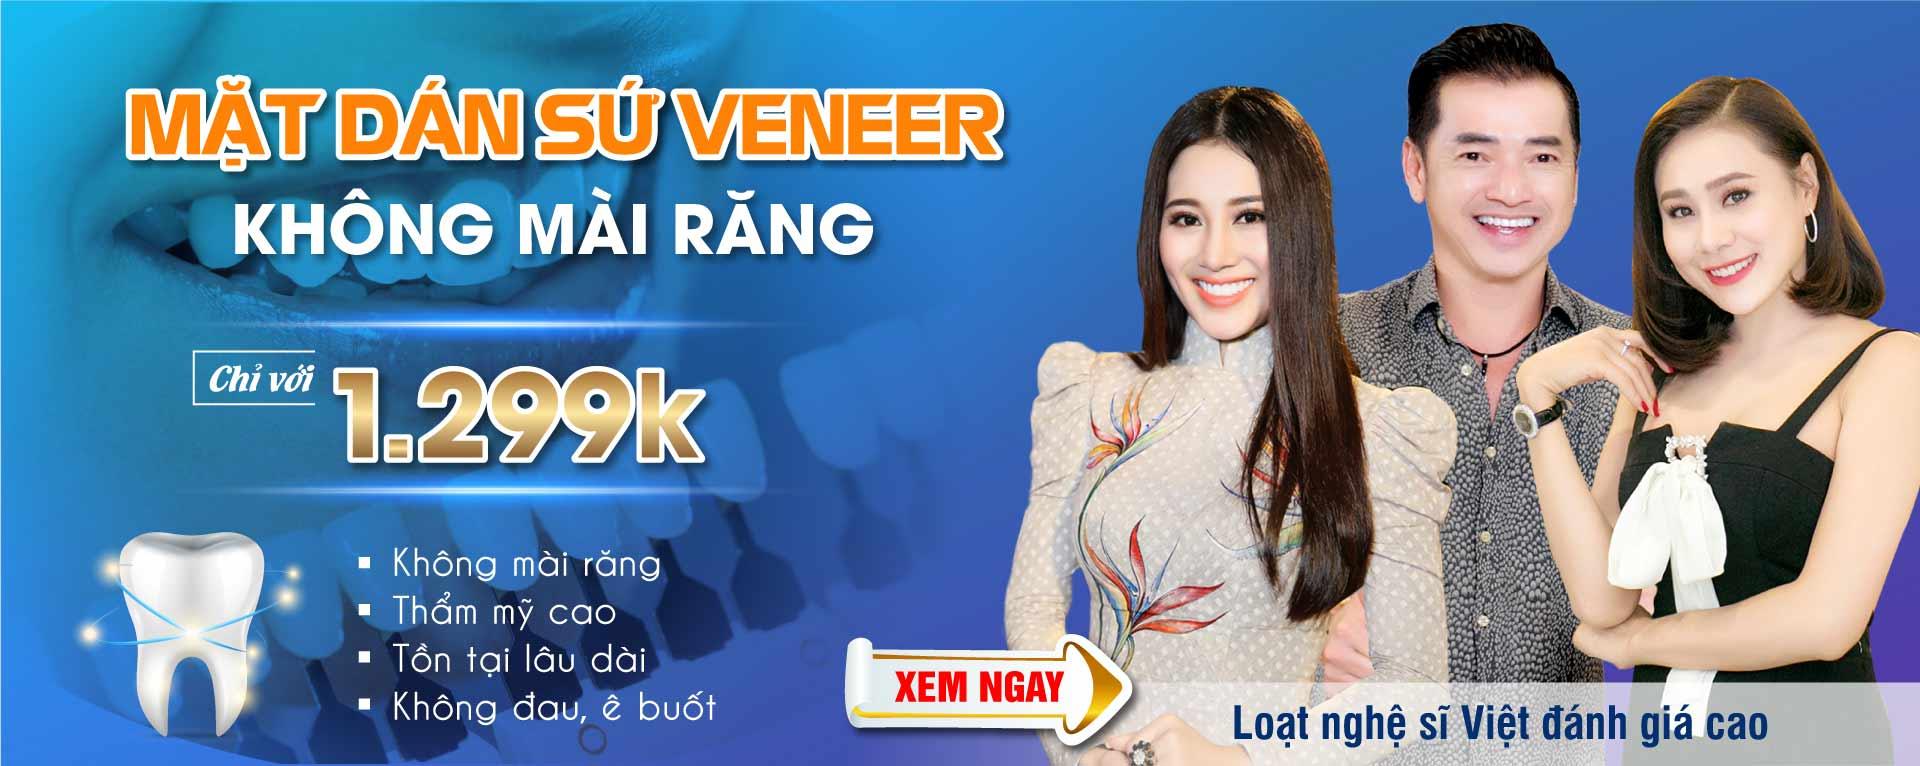 Mặt dán sứ Veneer không mài răng chỉ với 1.299K